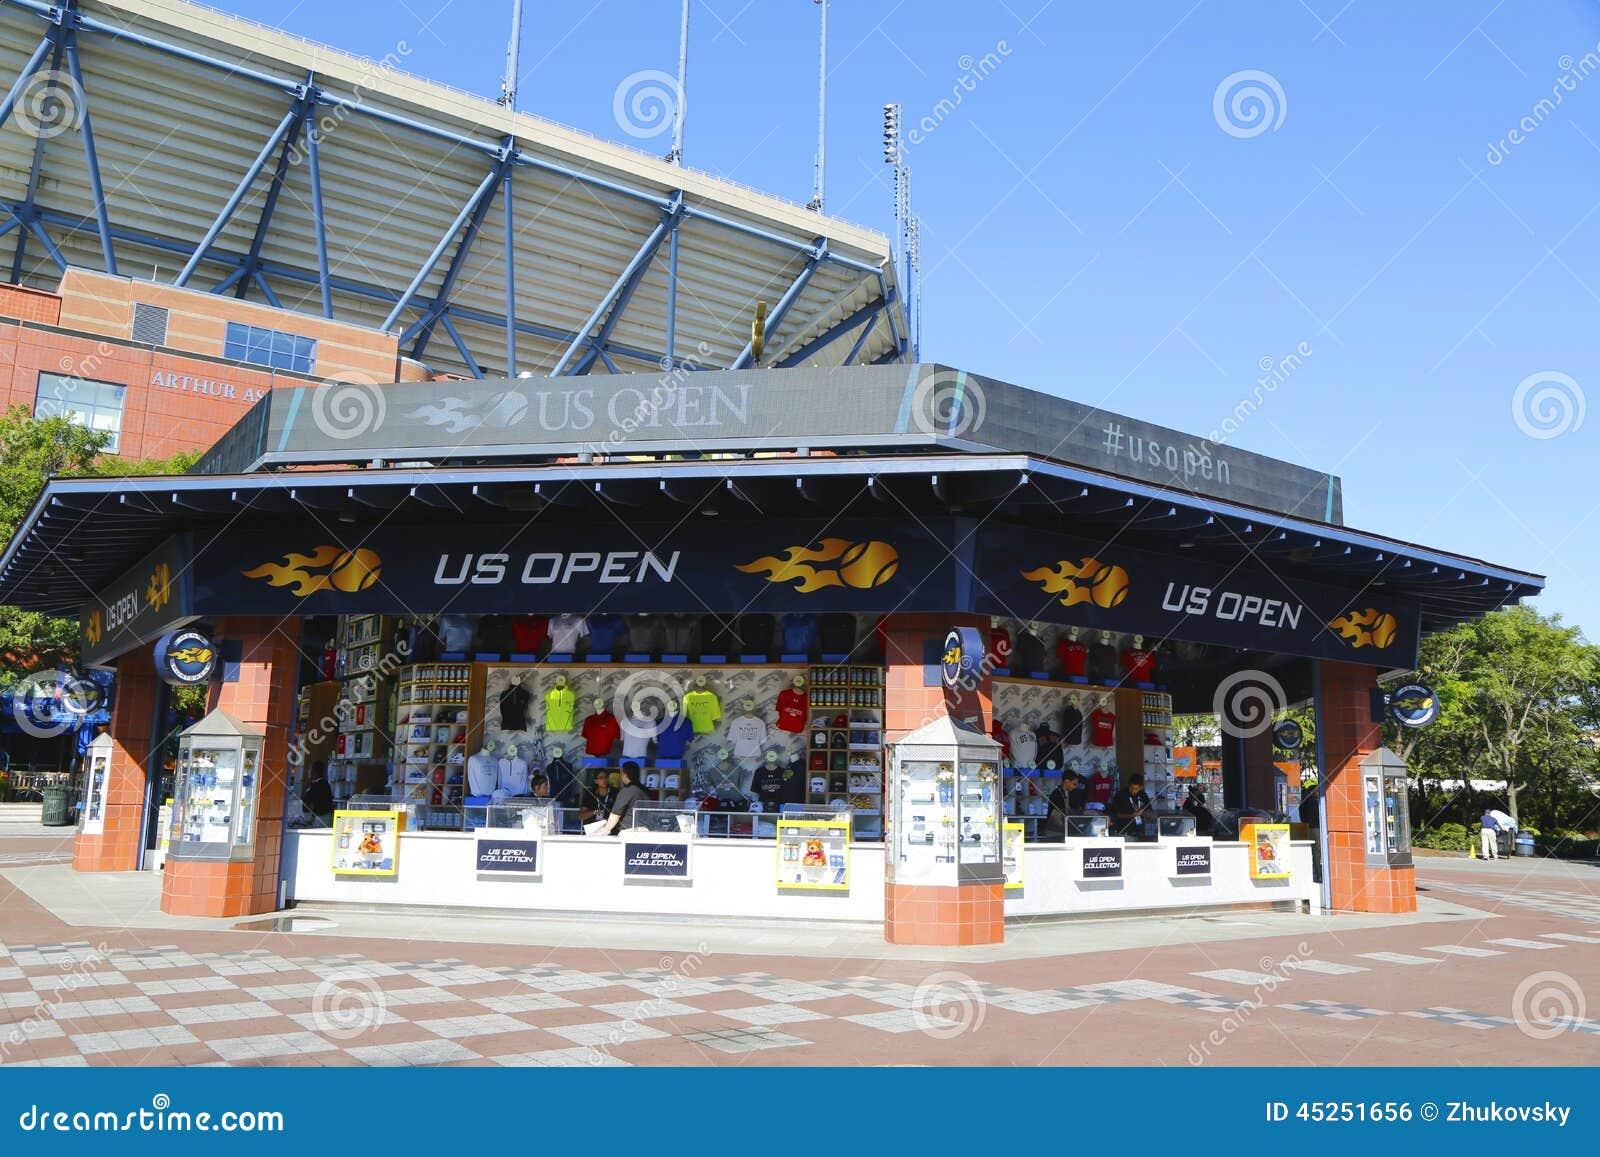 Us open date in Perth